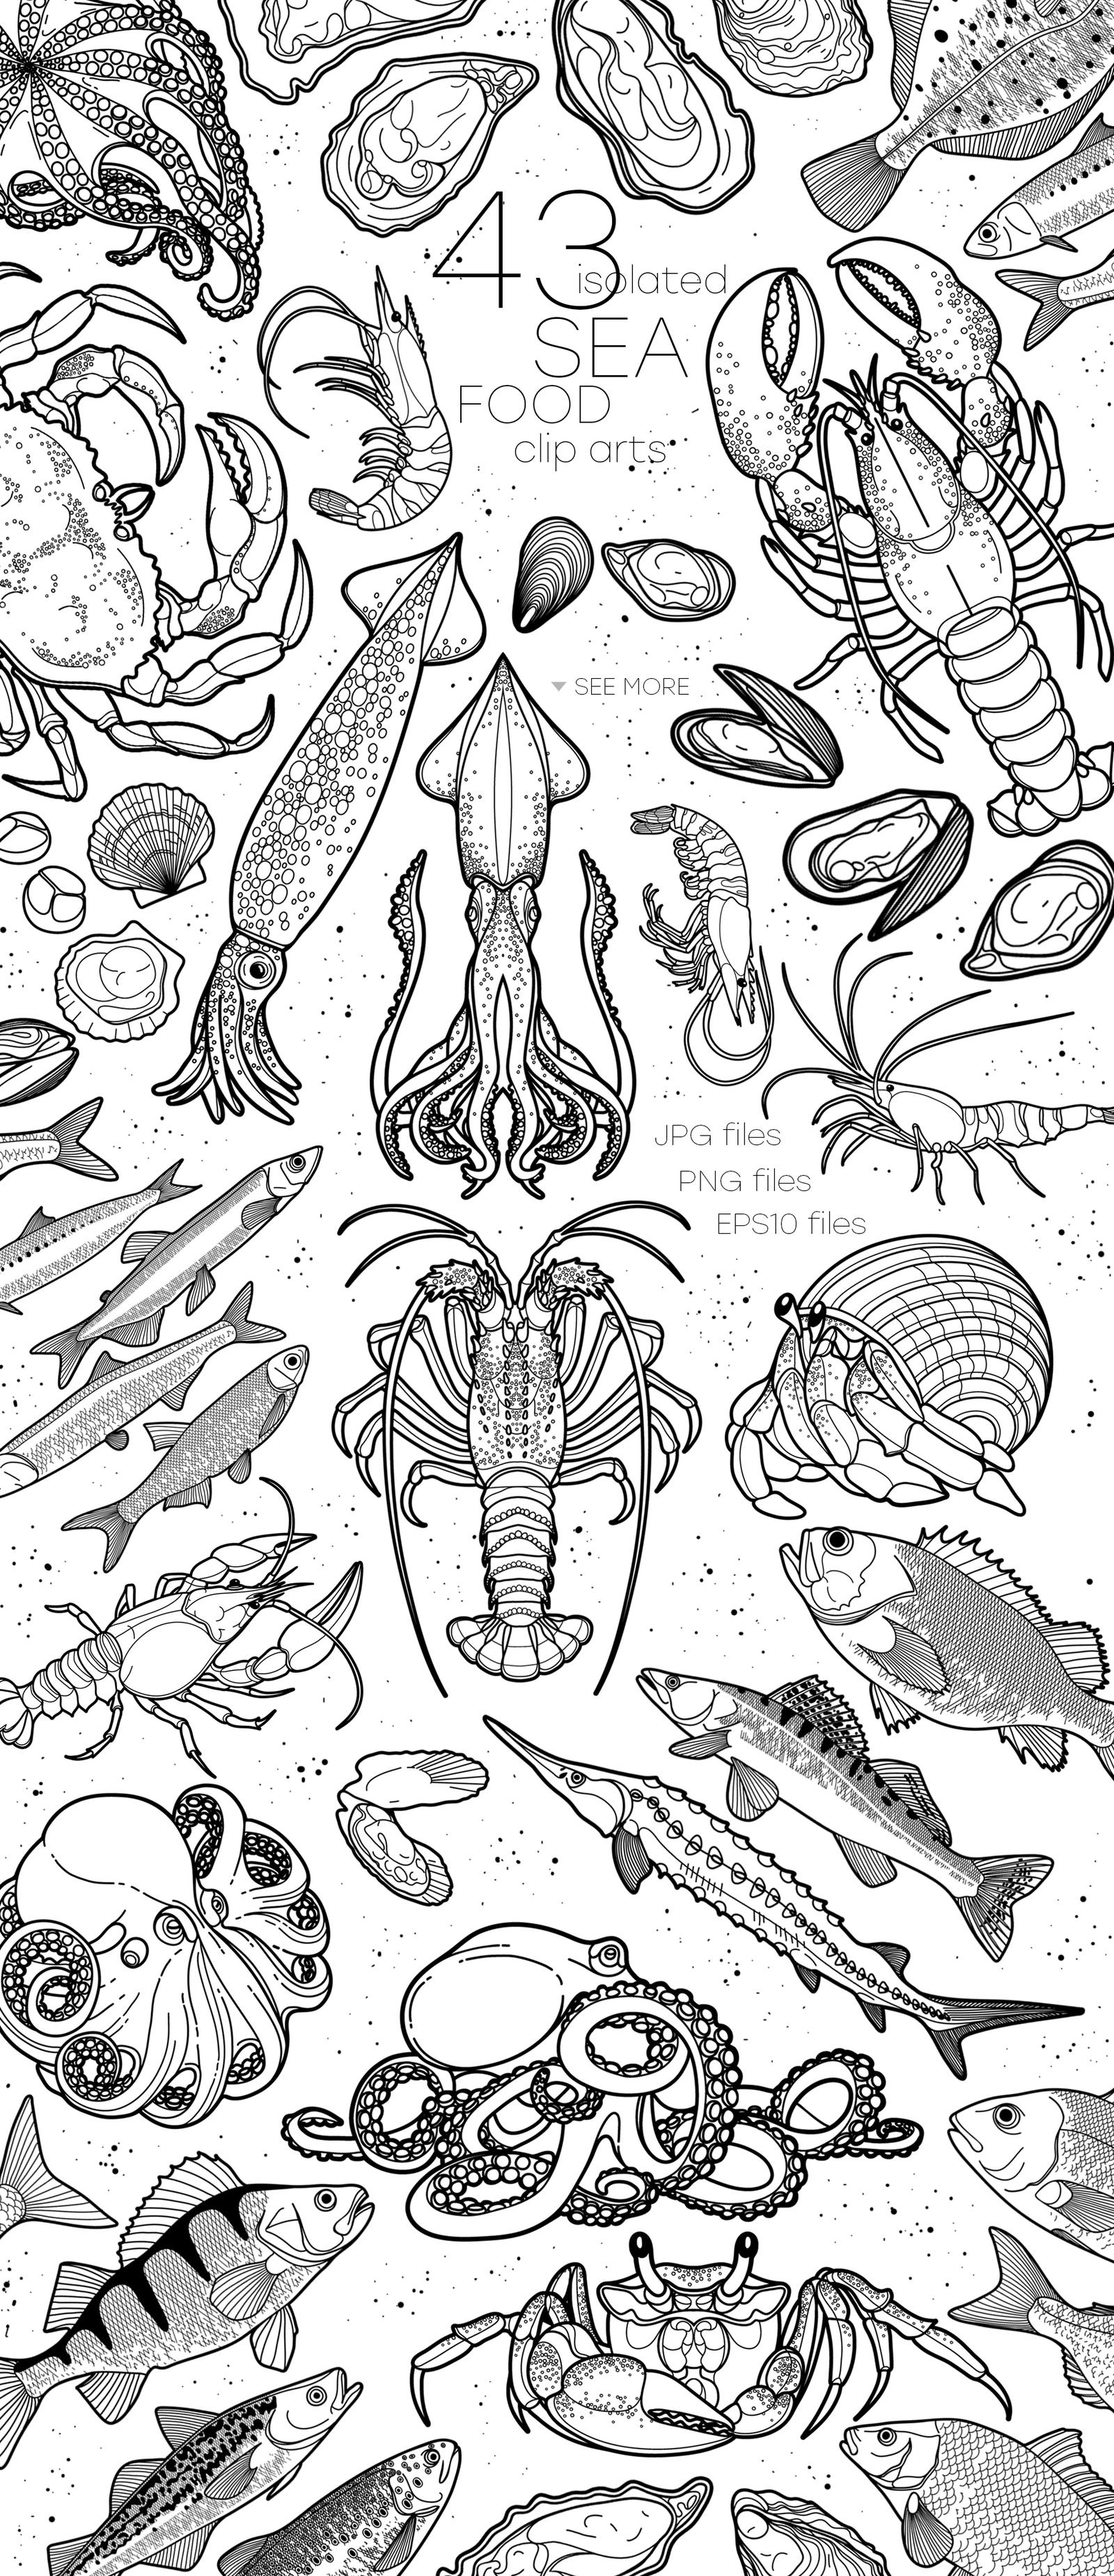 Seafood graphics